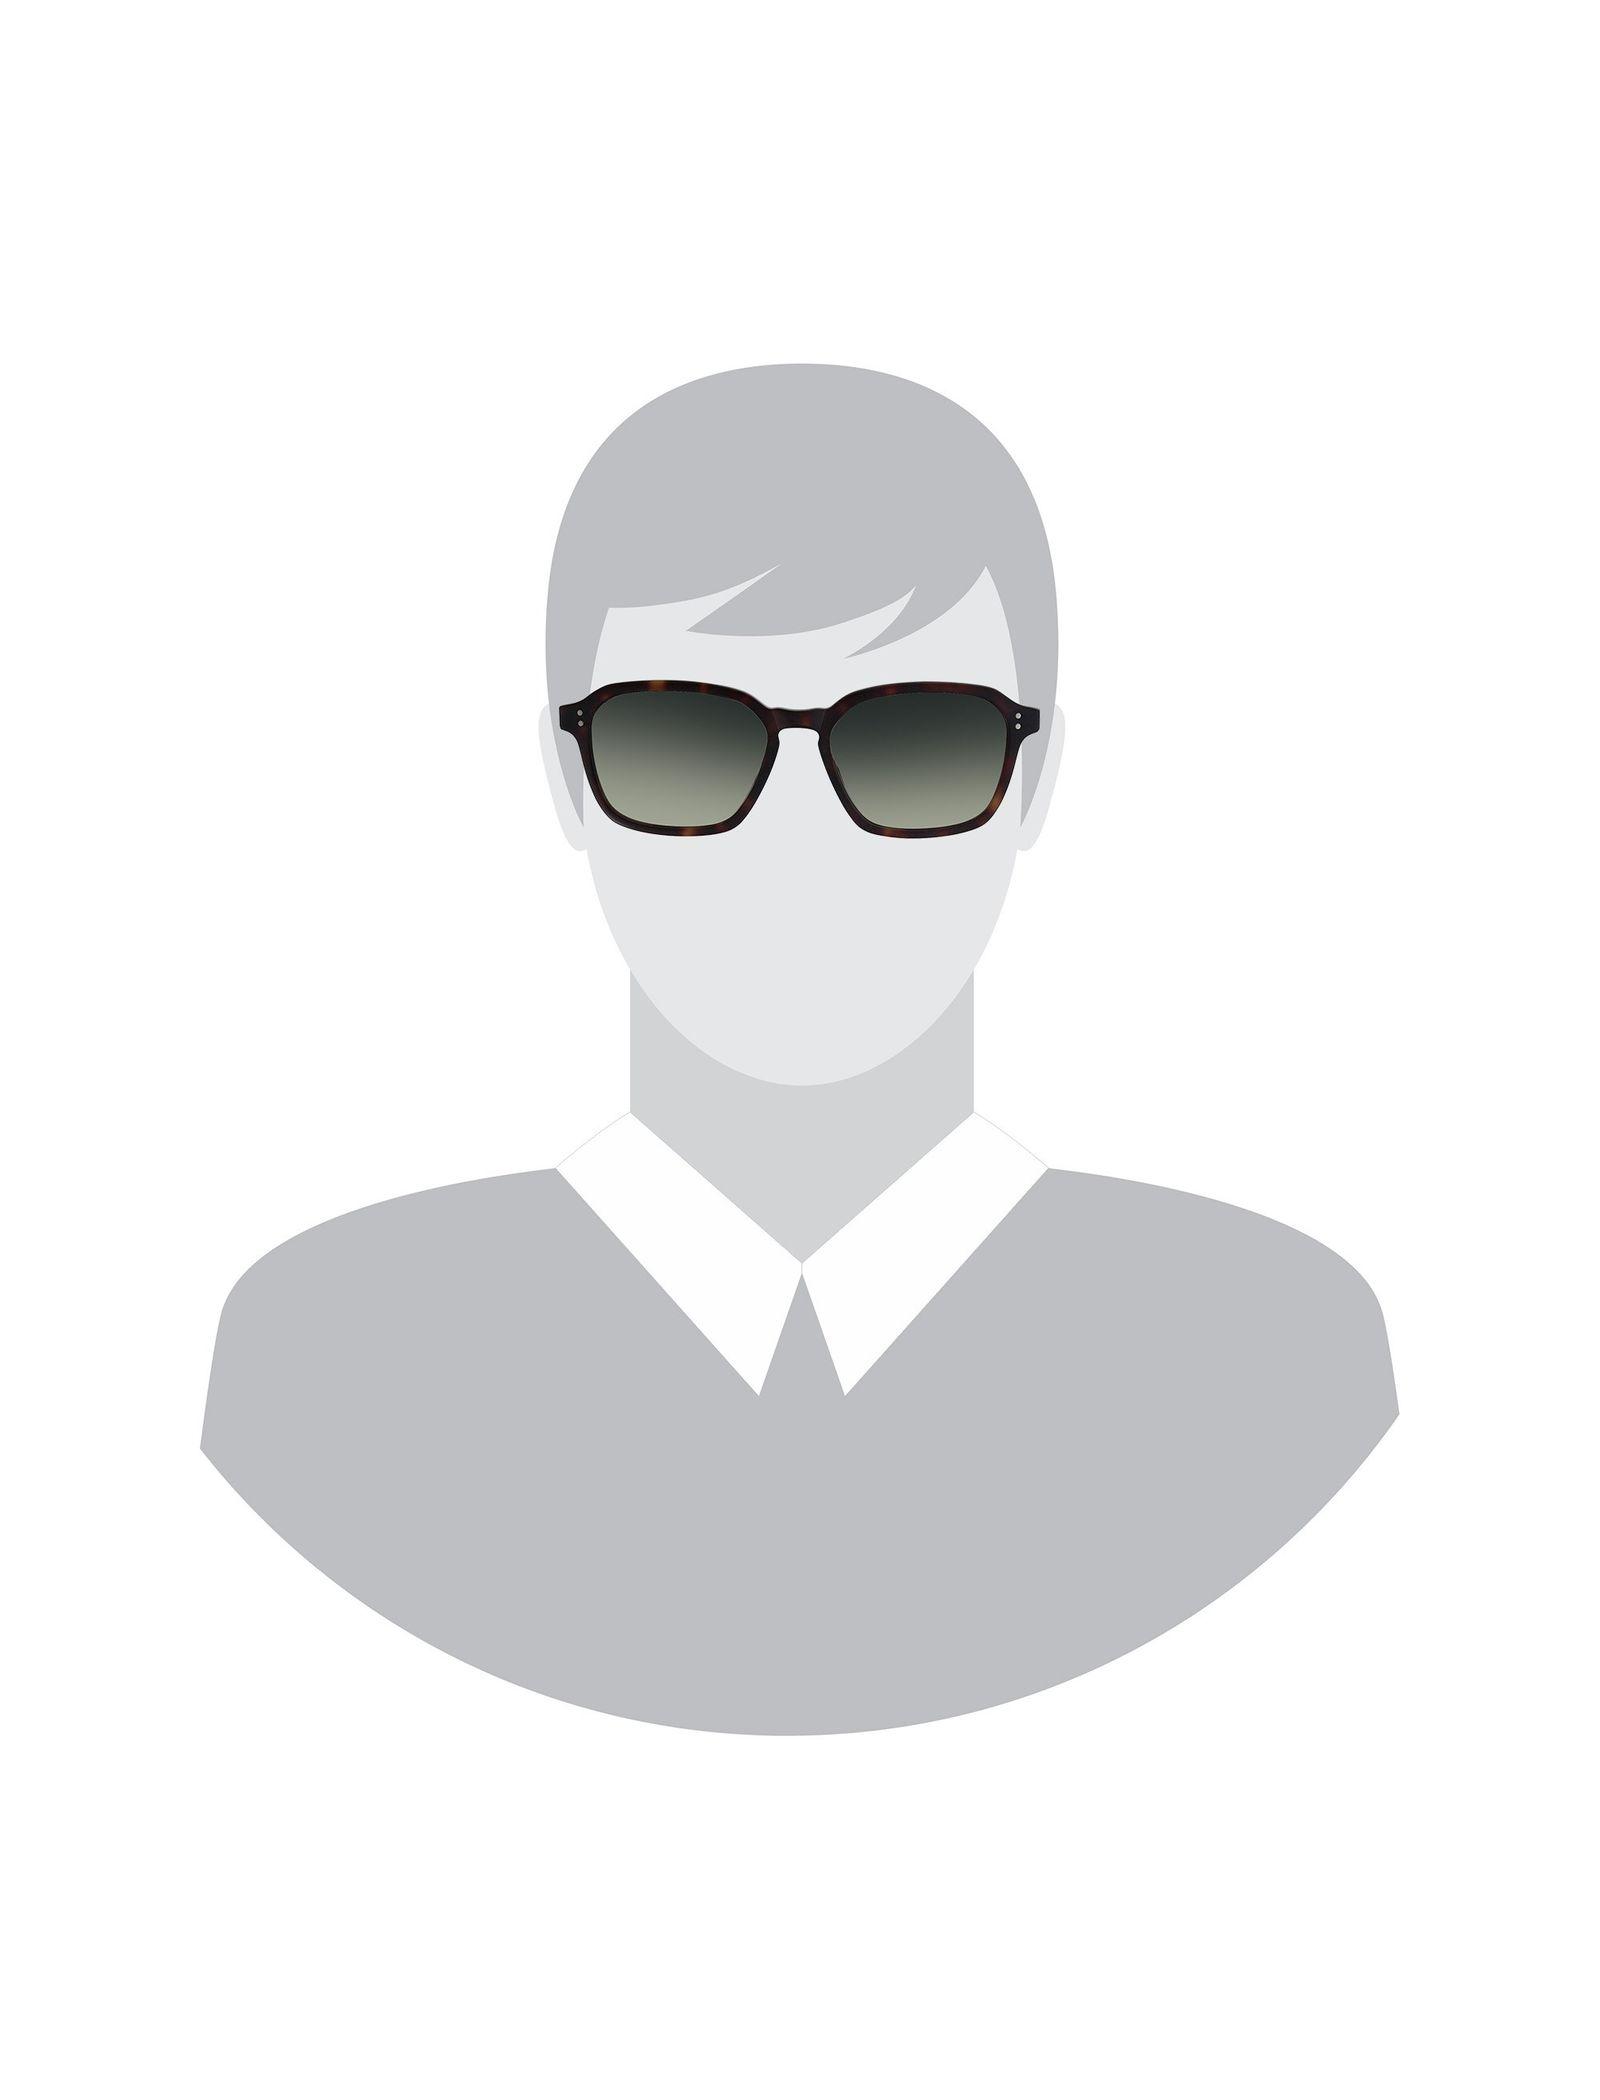 عینک آفتابی ویفرر مردانه - هکت - قهوه اي       - 4